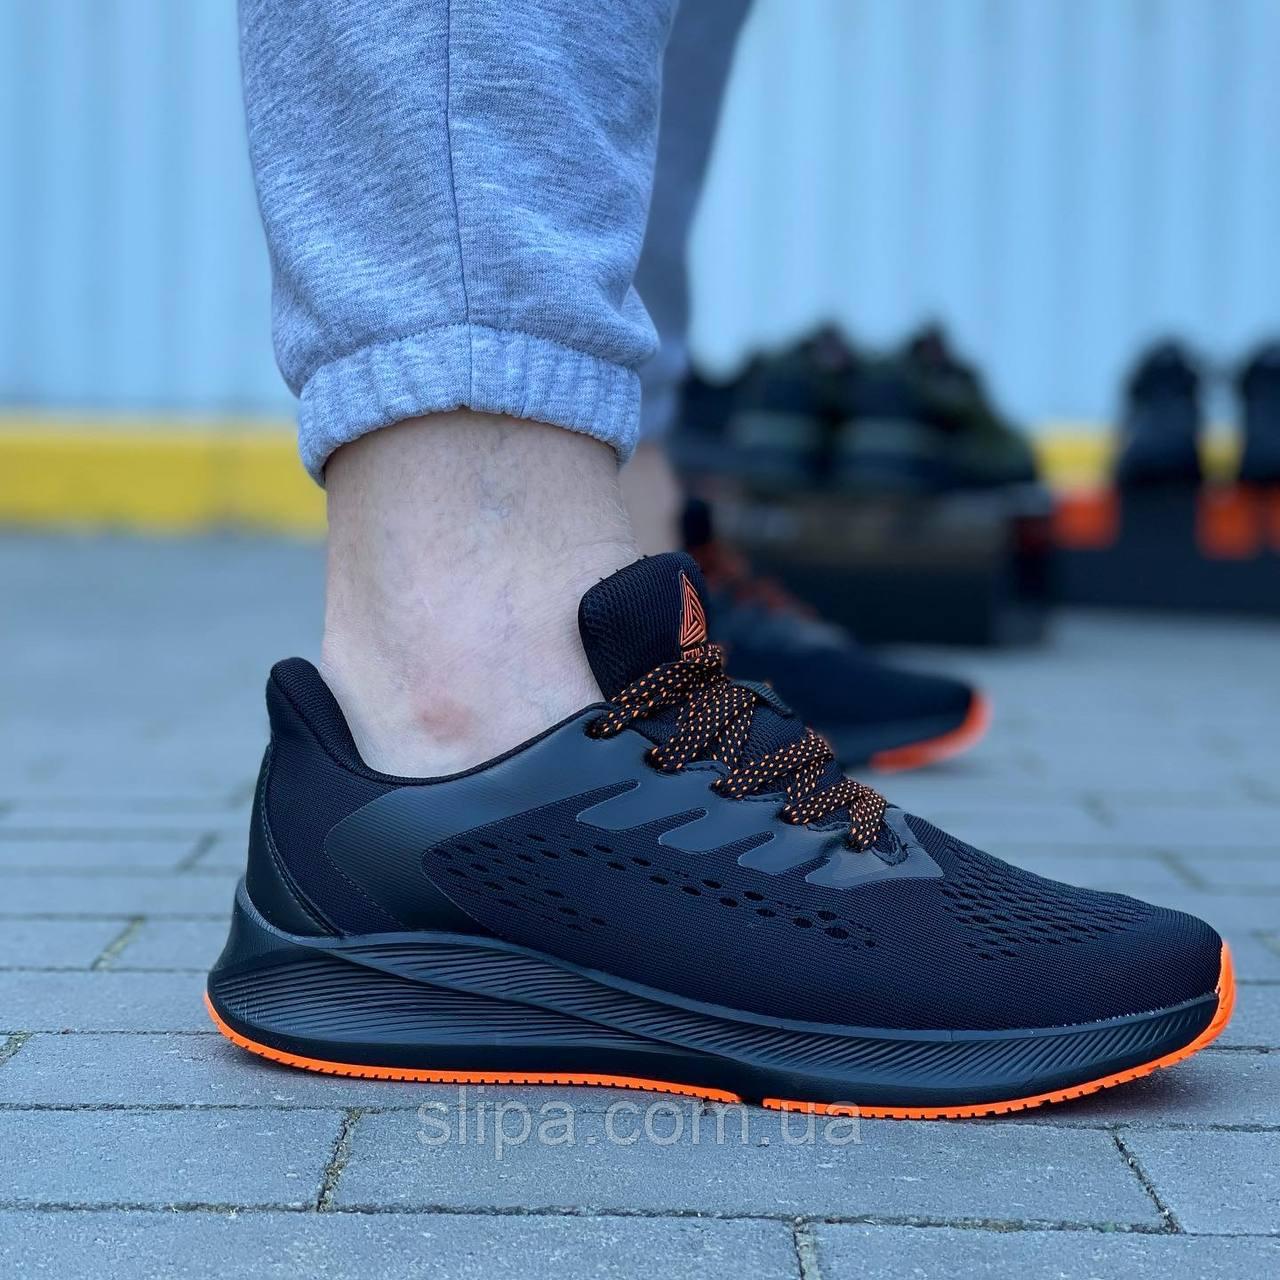 Текстильные кроссовки Stilli чёрные на чёрной подошве с оранжевым протектором   текстиль + пена